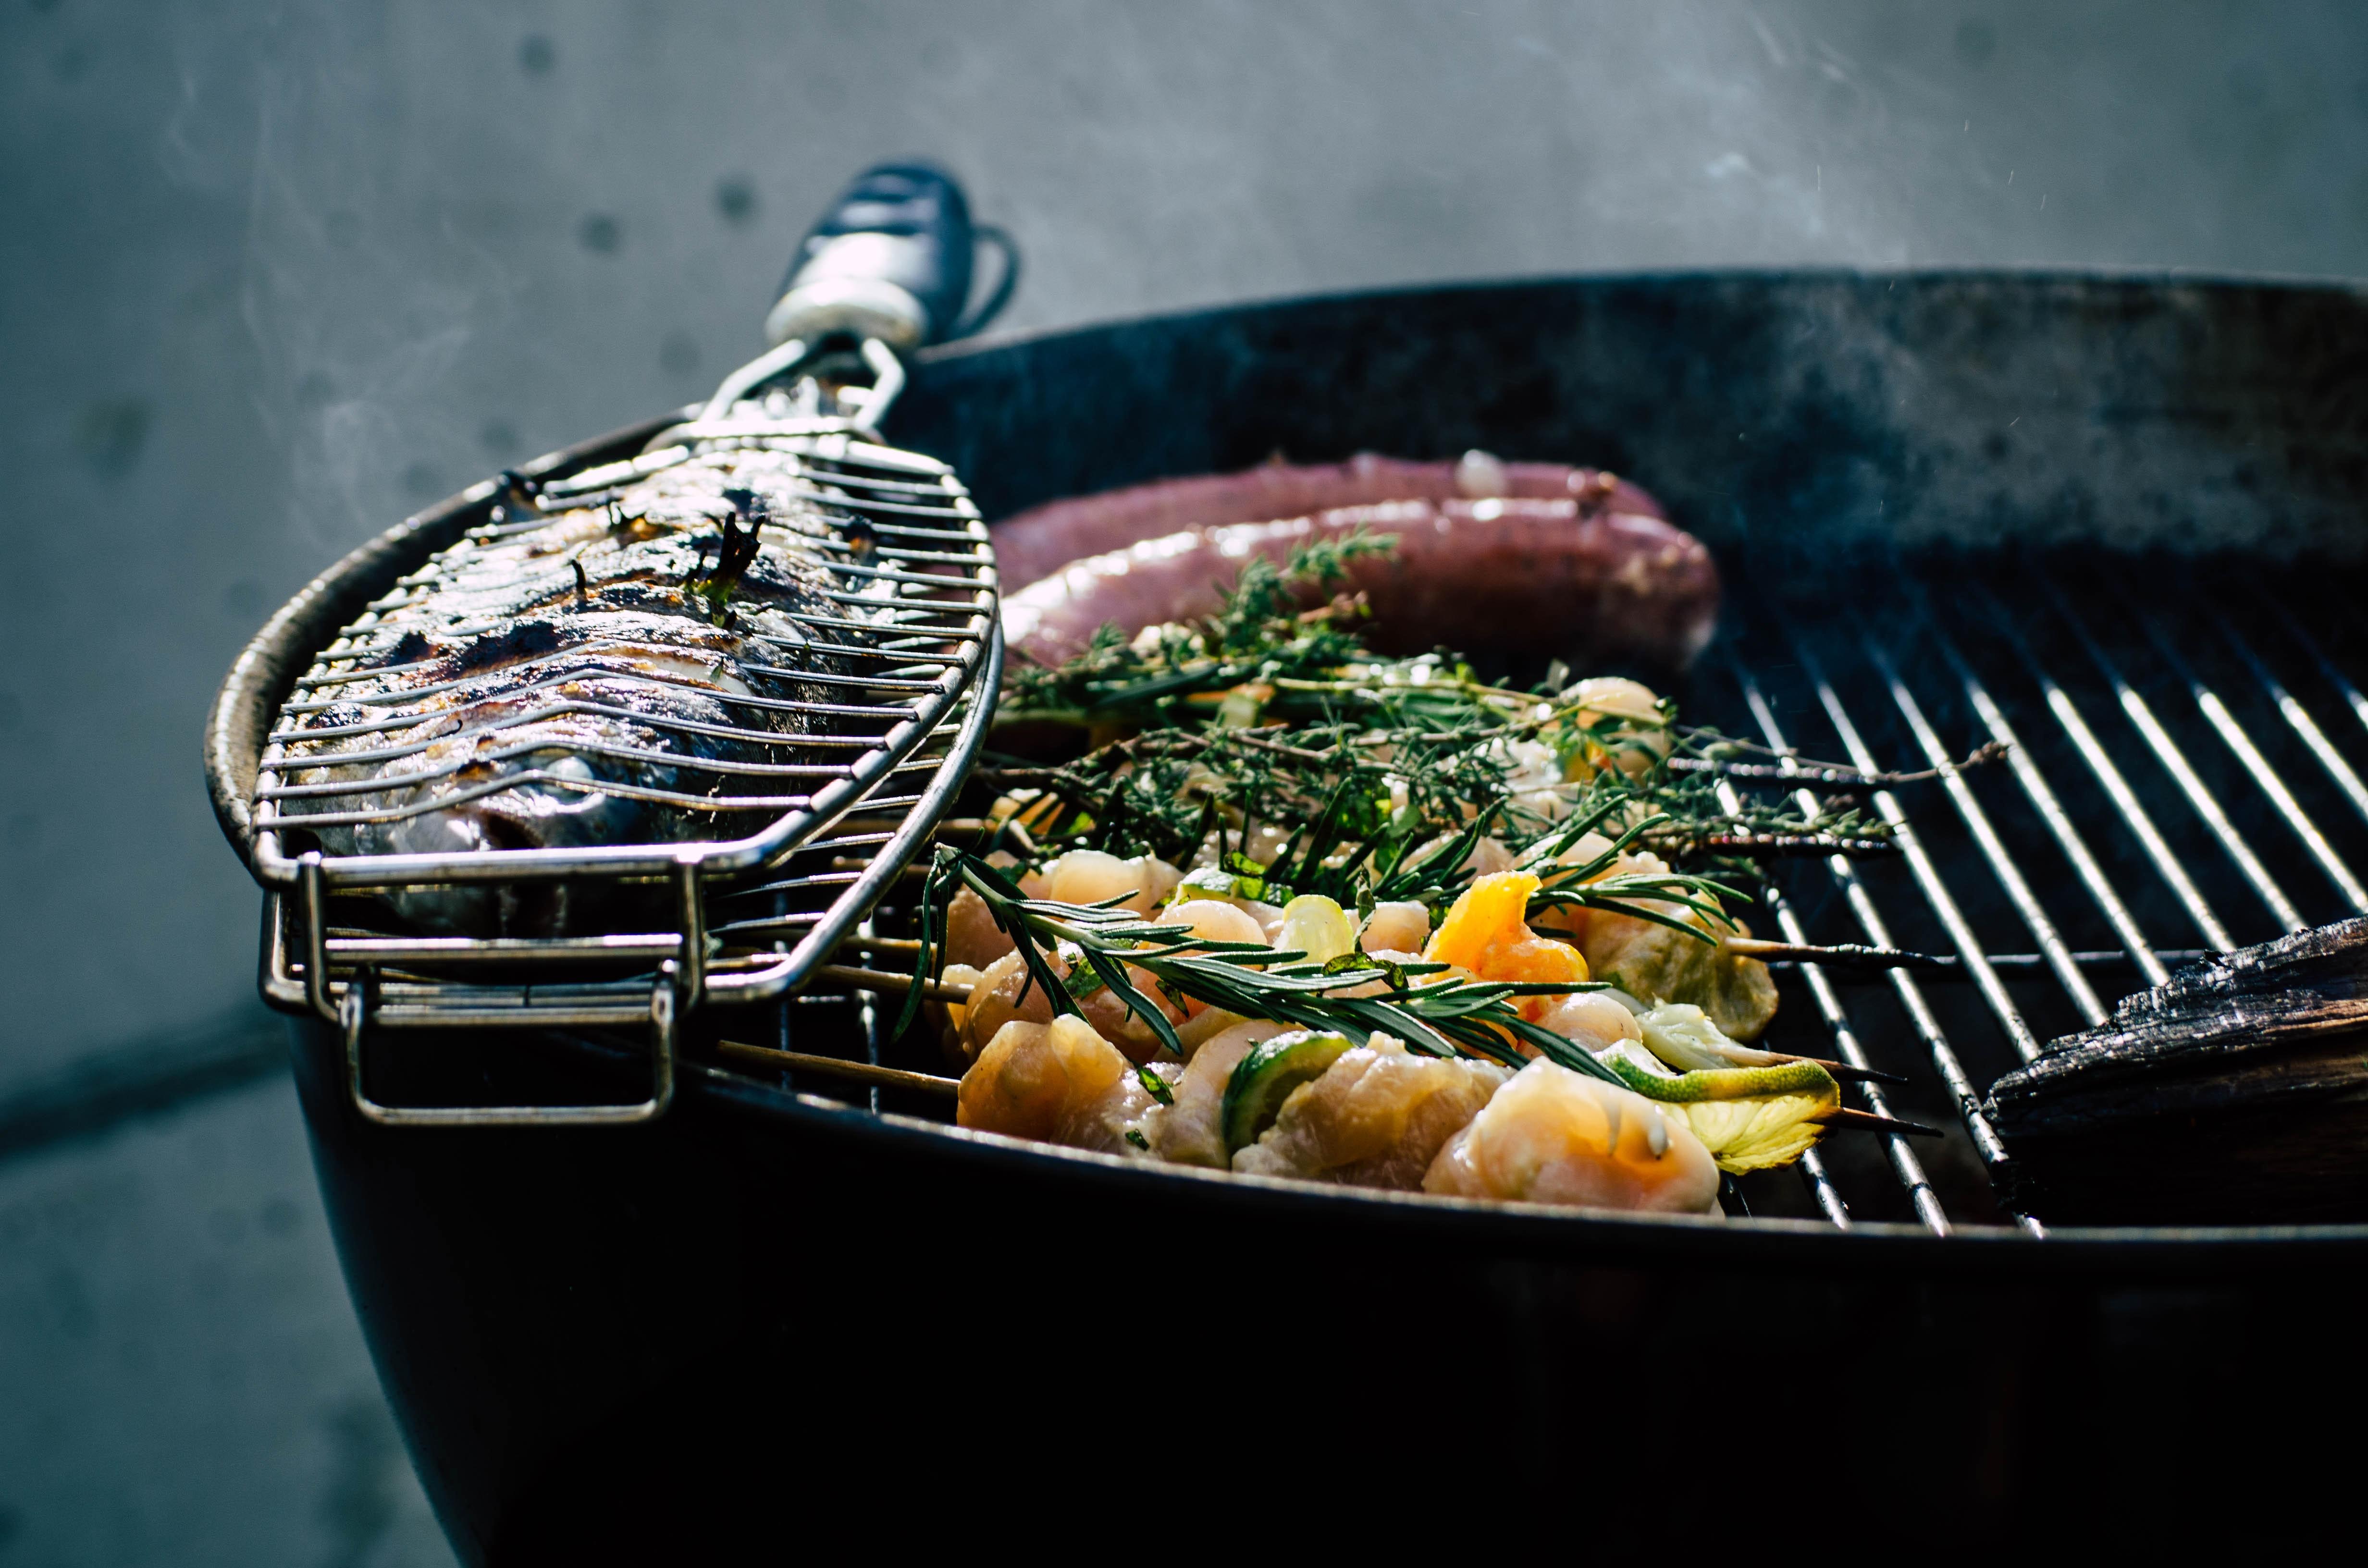 Intoxicación alimentaria durante el verano: cómo prevenirla